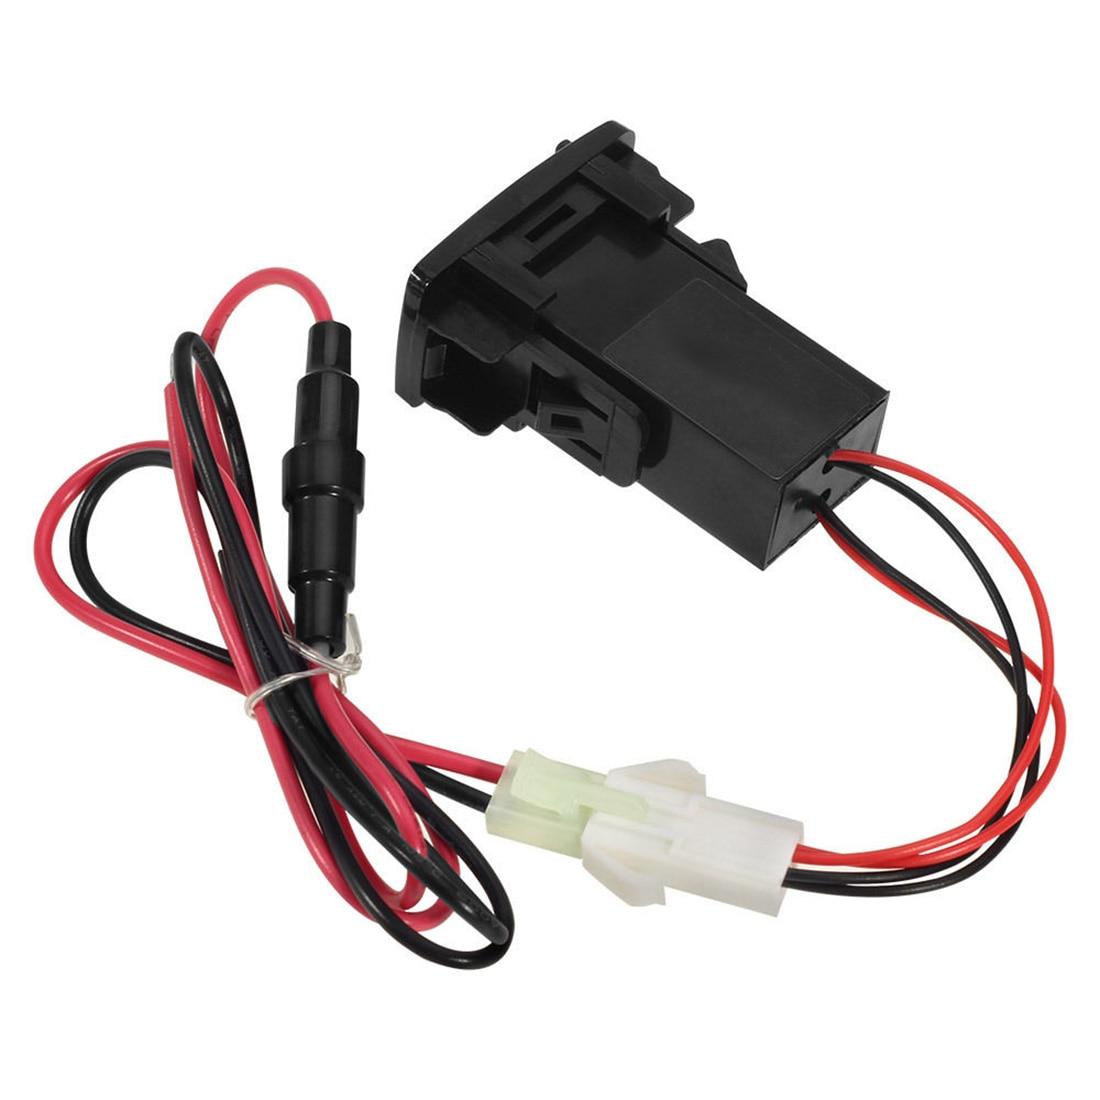 Новый Автомобиль 2.1A Dual USB Порт Зарядное Устройство Смартфон + Аудио Вход Для Honda